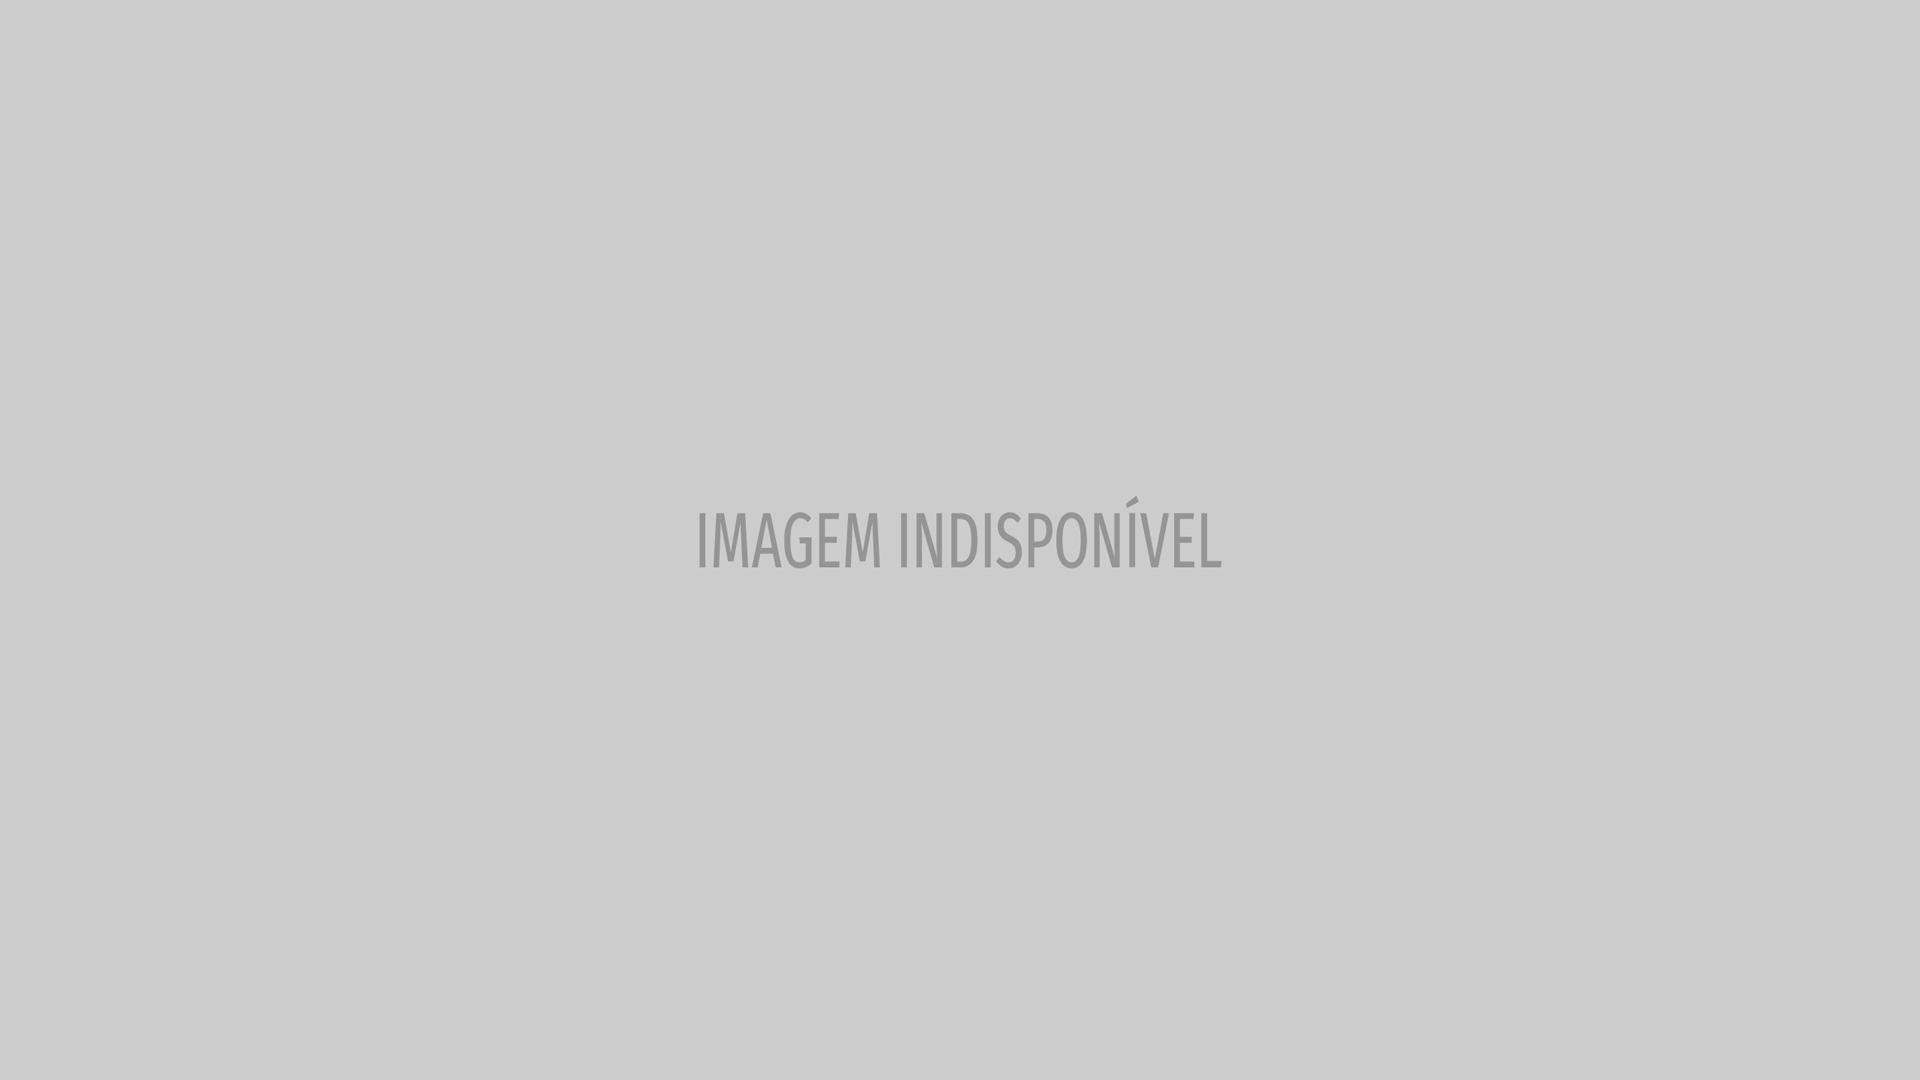 Filomena Cautela presta homenagem aos telespectadores do '5'